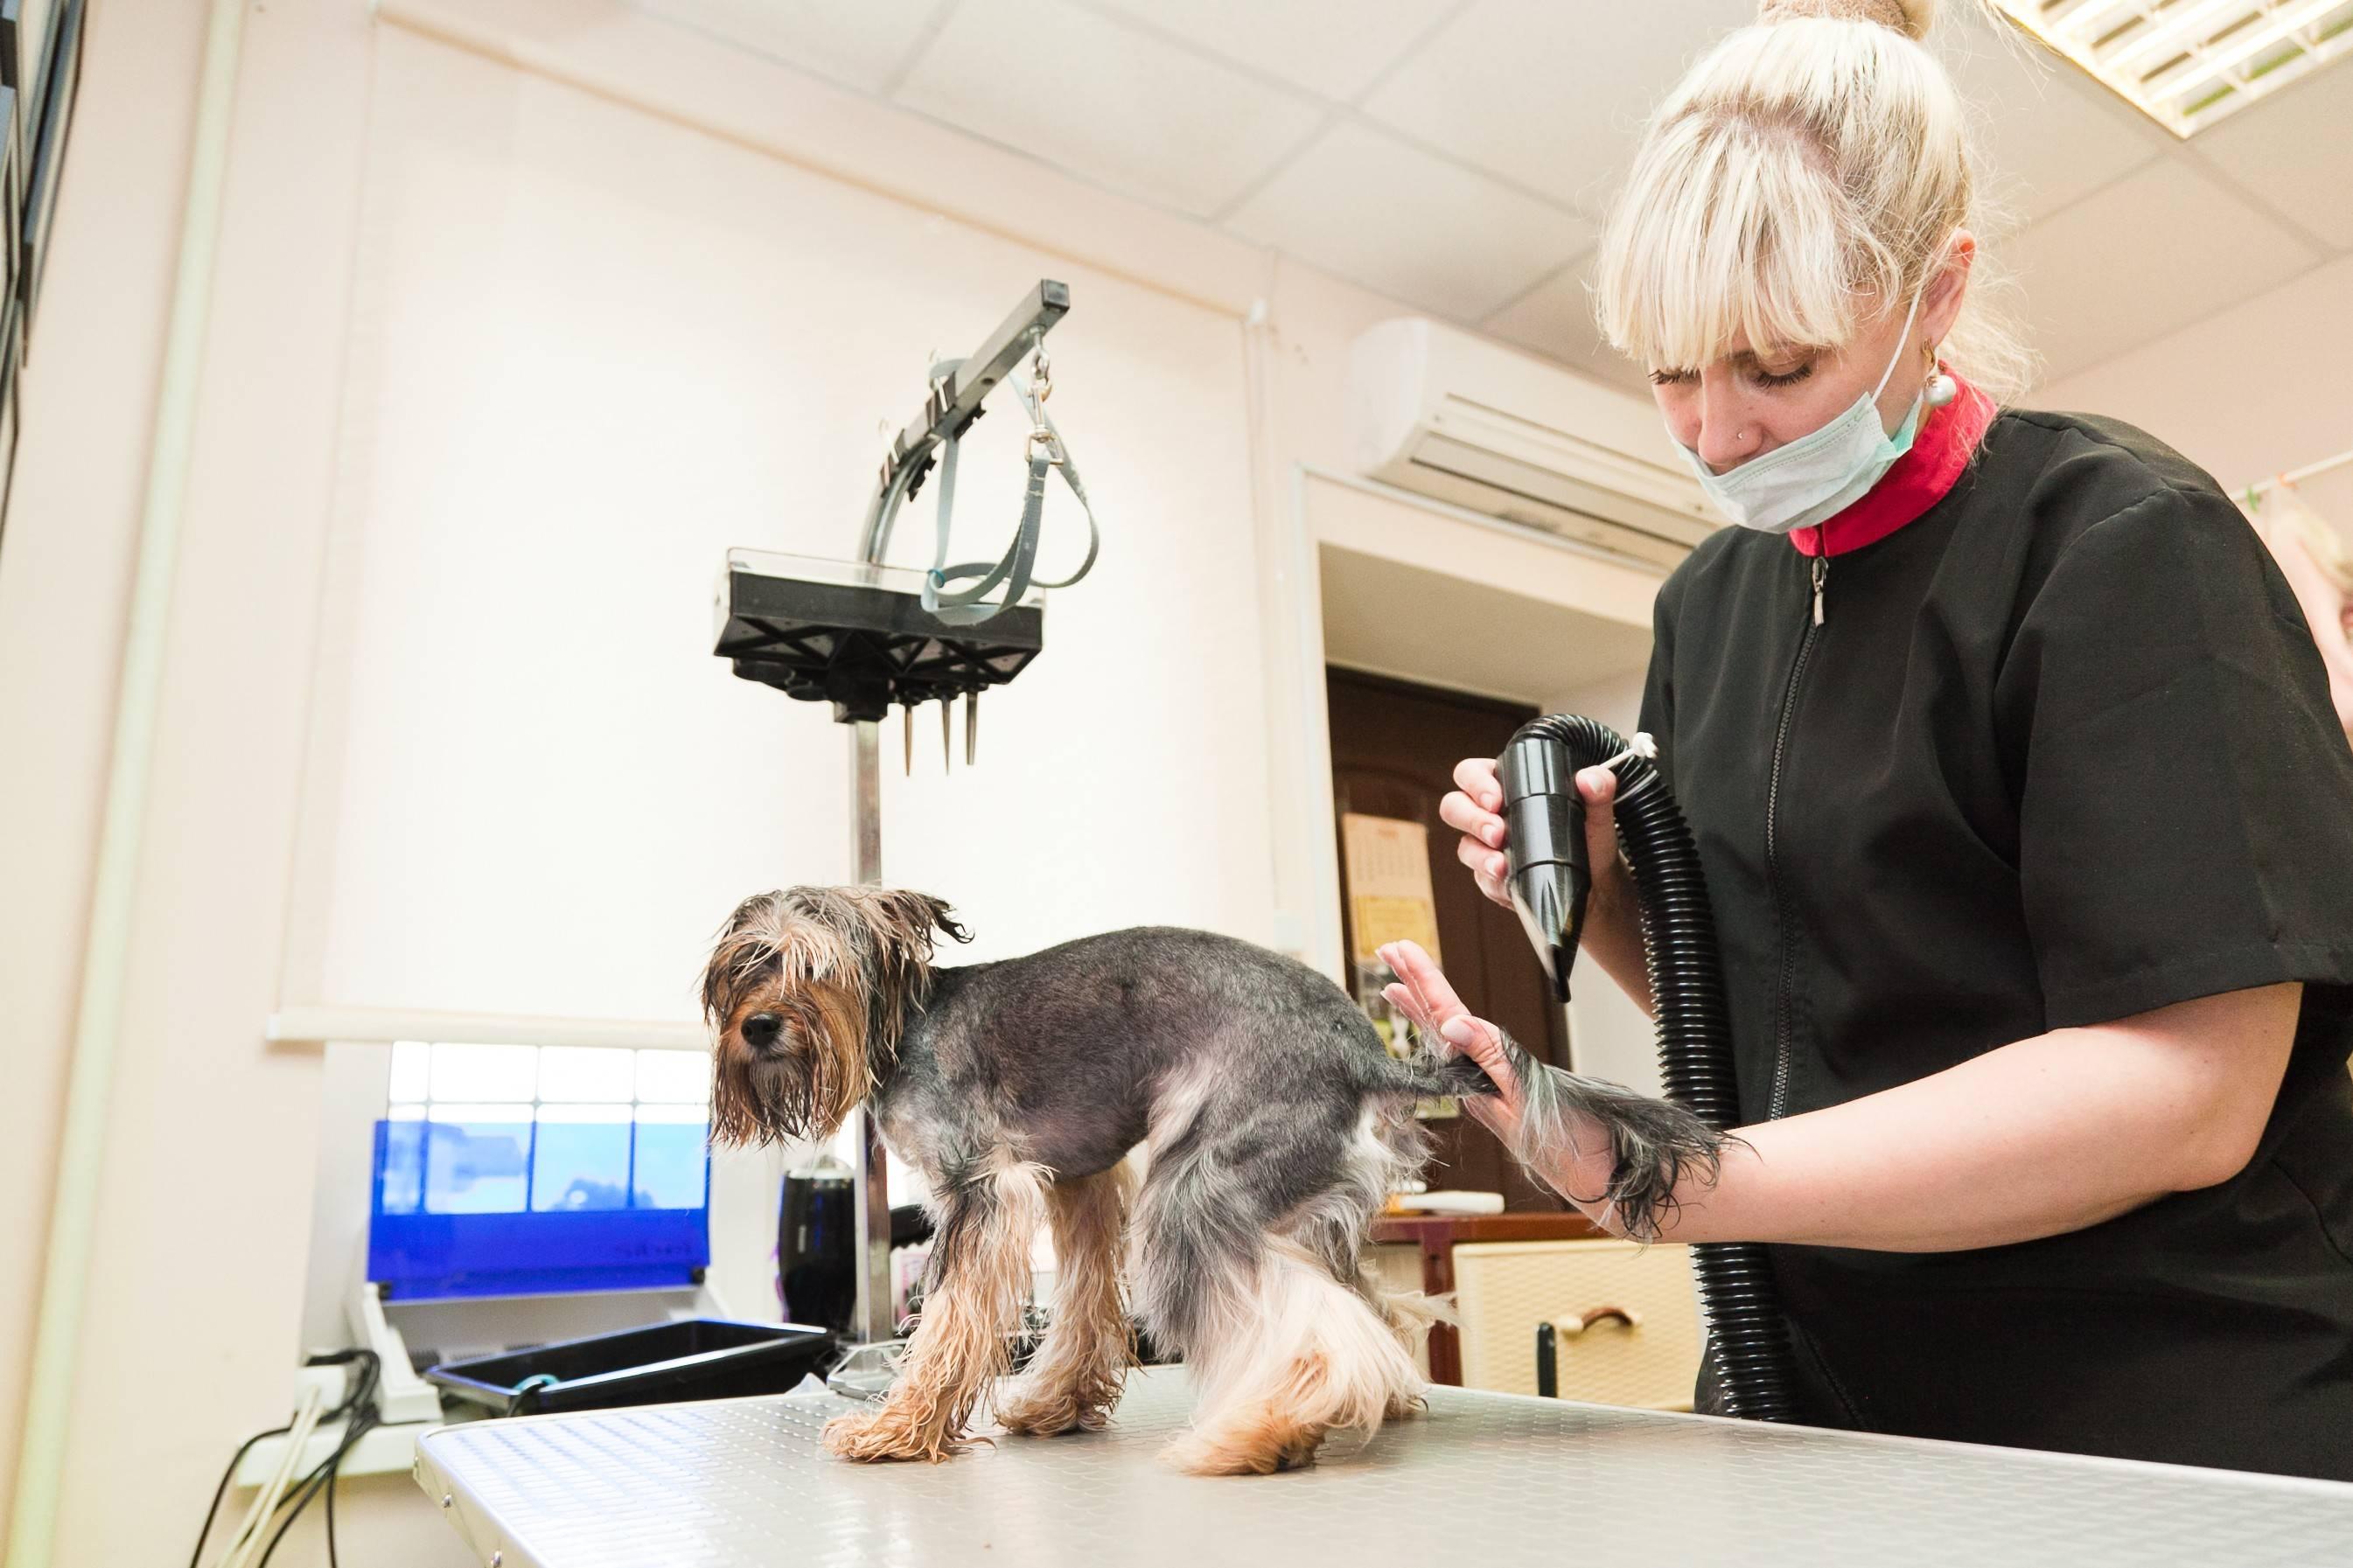 Собачий парикмахер как называется. кто будет вашим клиентом в салоне красоты для собак